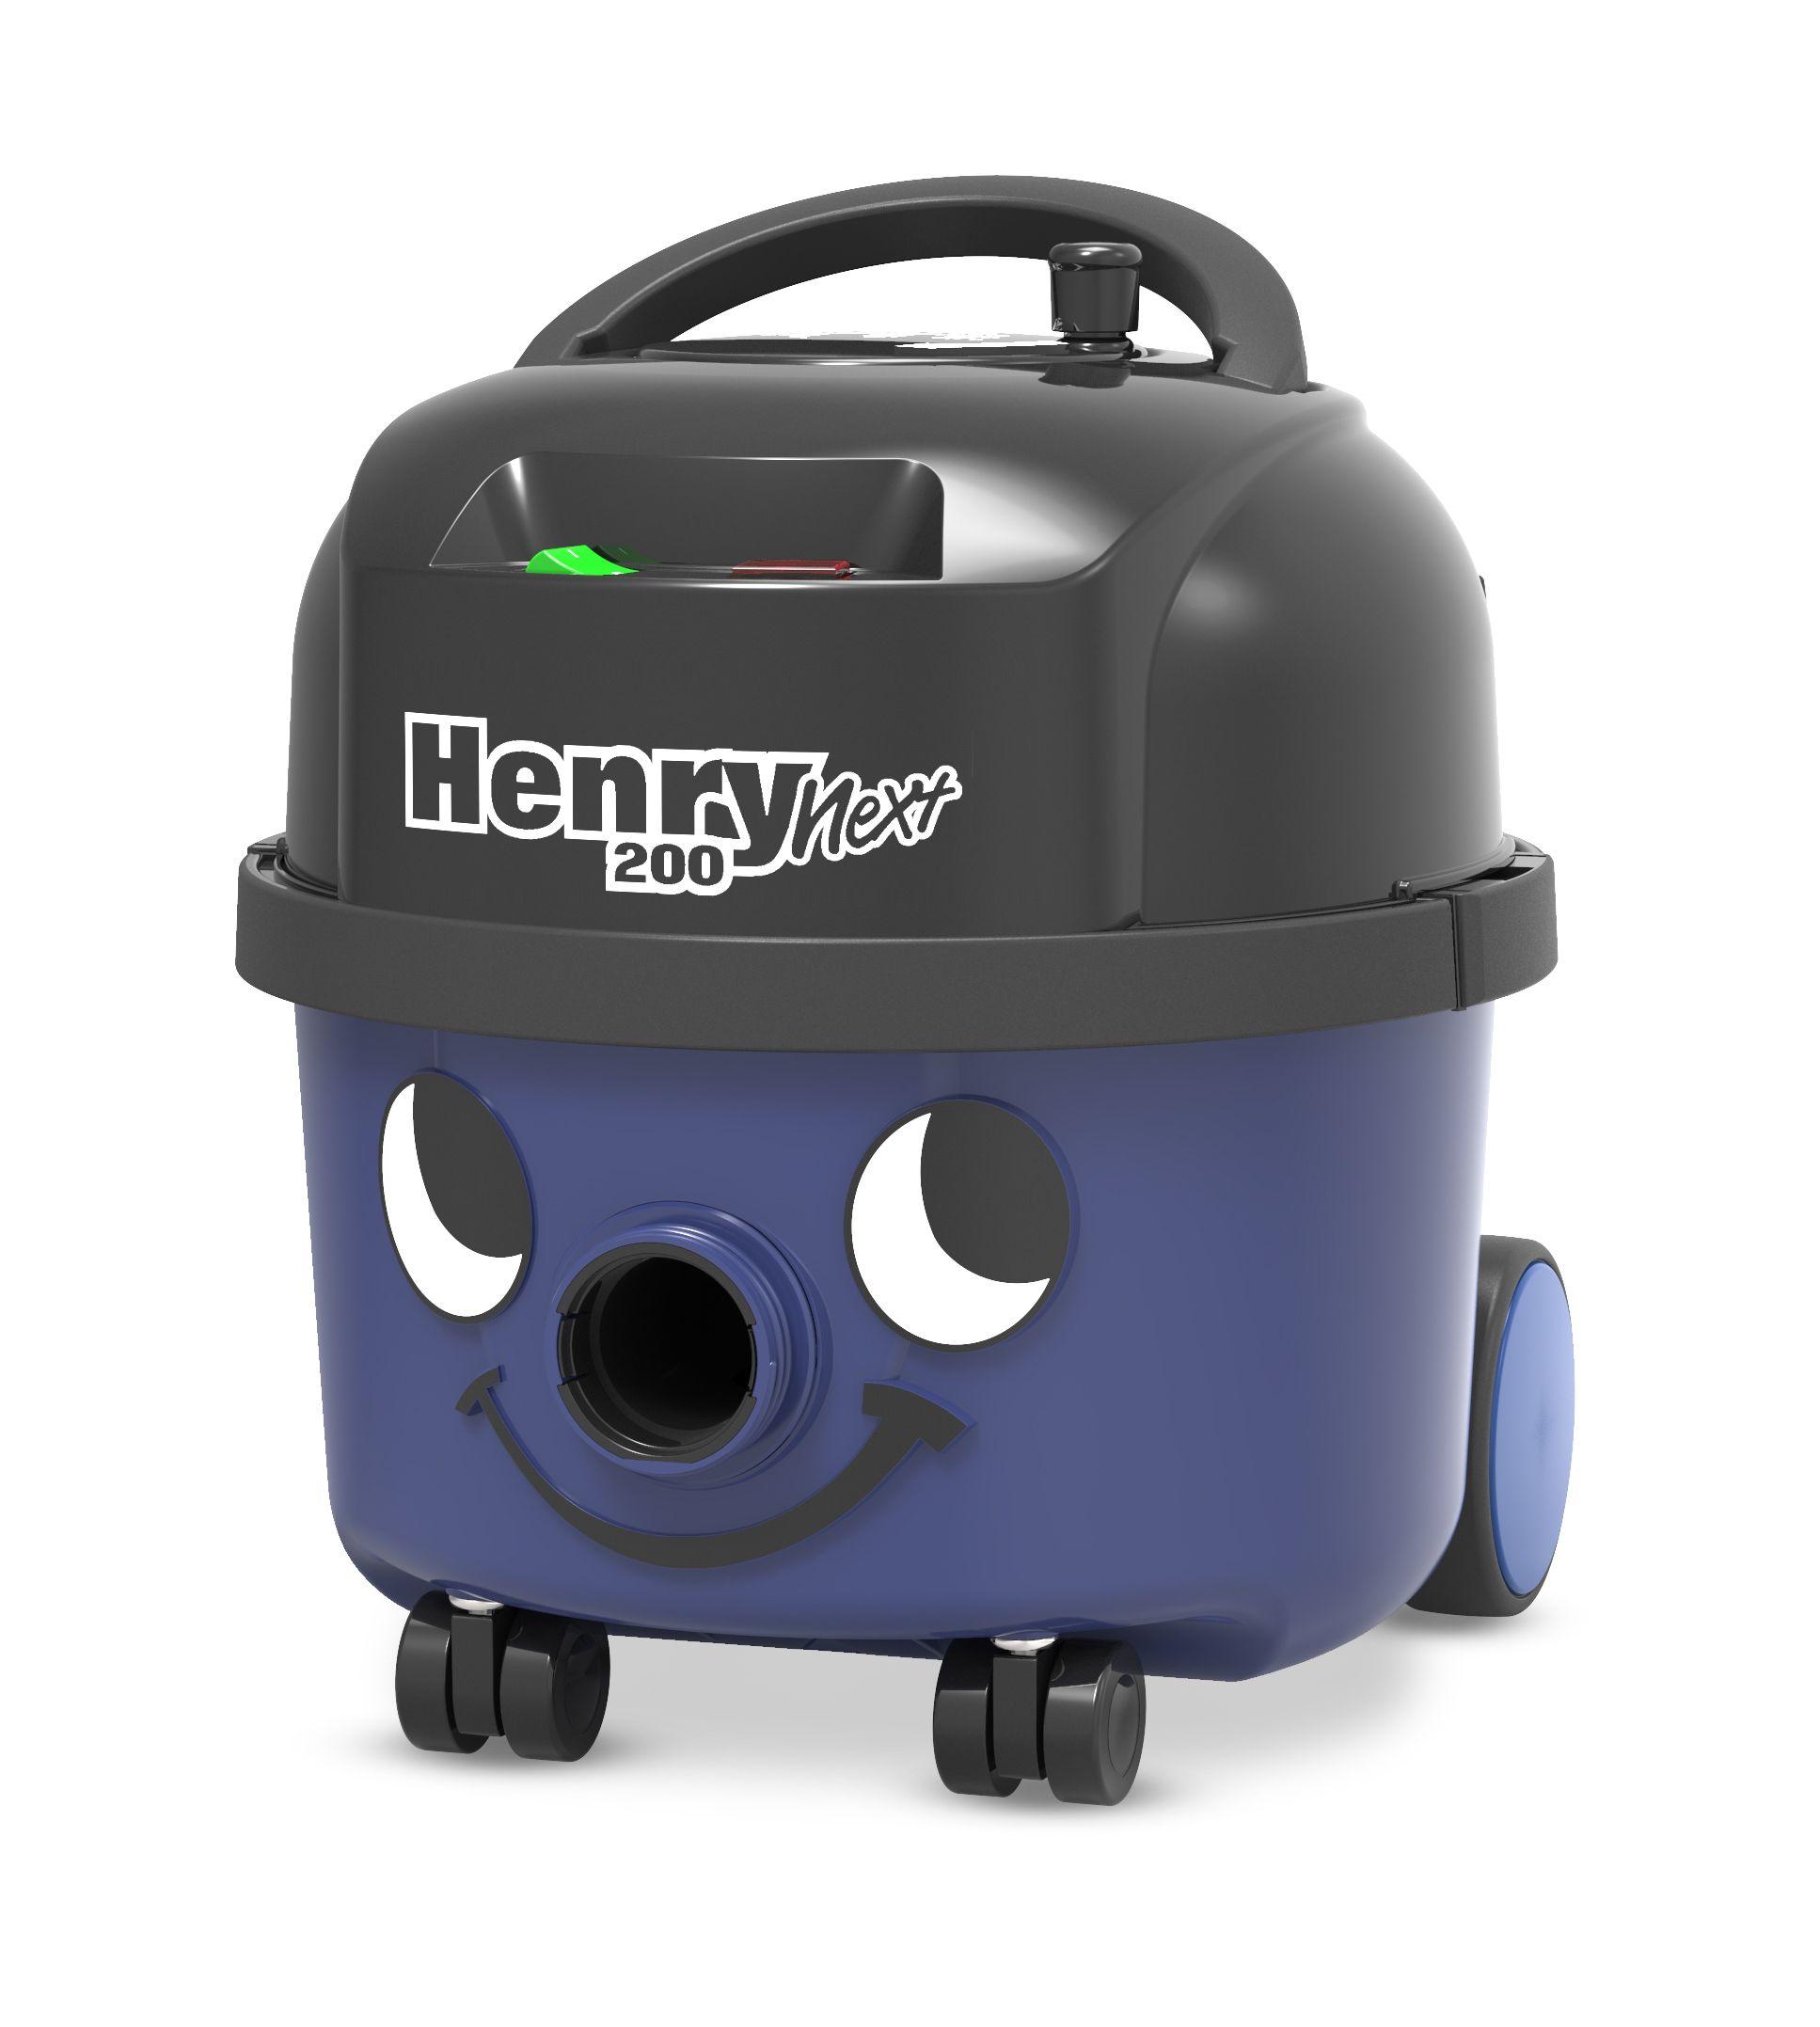 Stofzuiger Henry Next HVN206-11 royal blue met kit AST0 en 601530